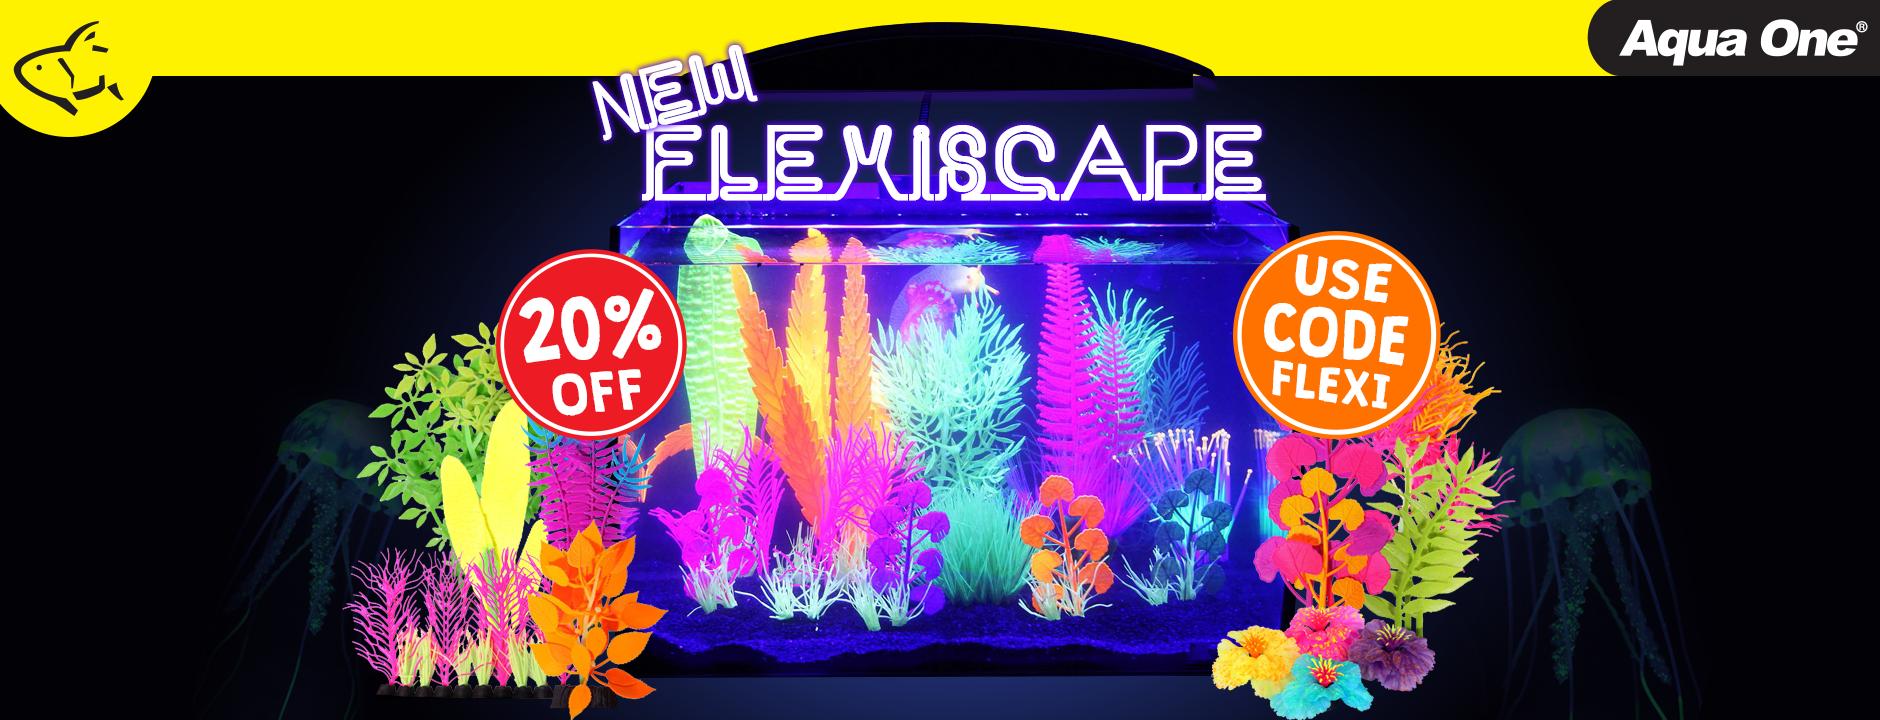 flexiscape-web-banner.png